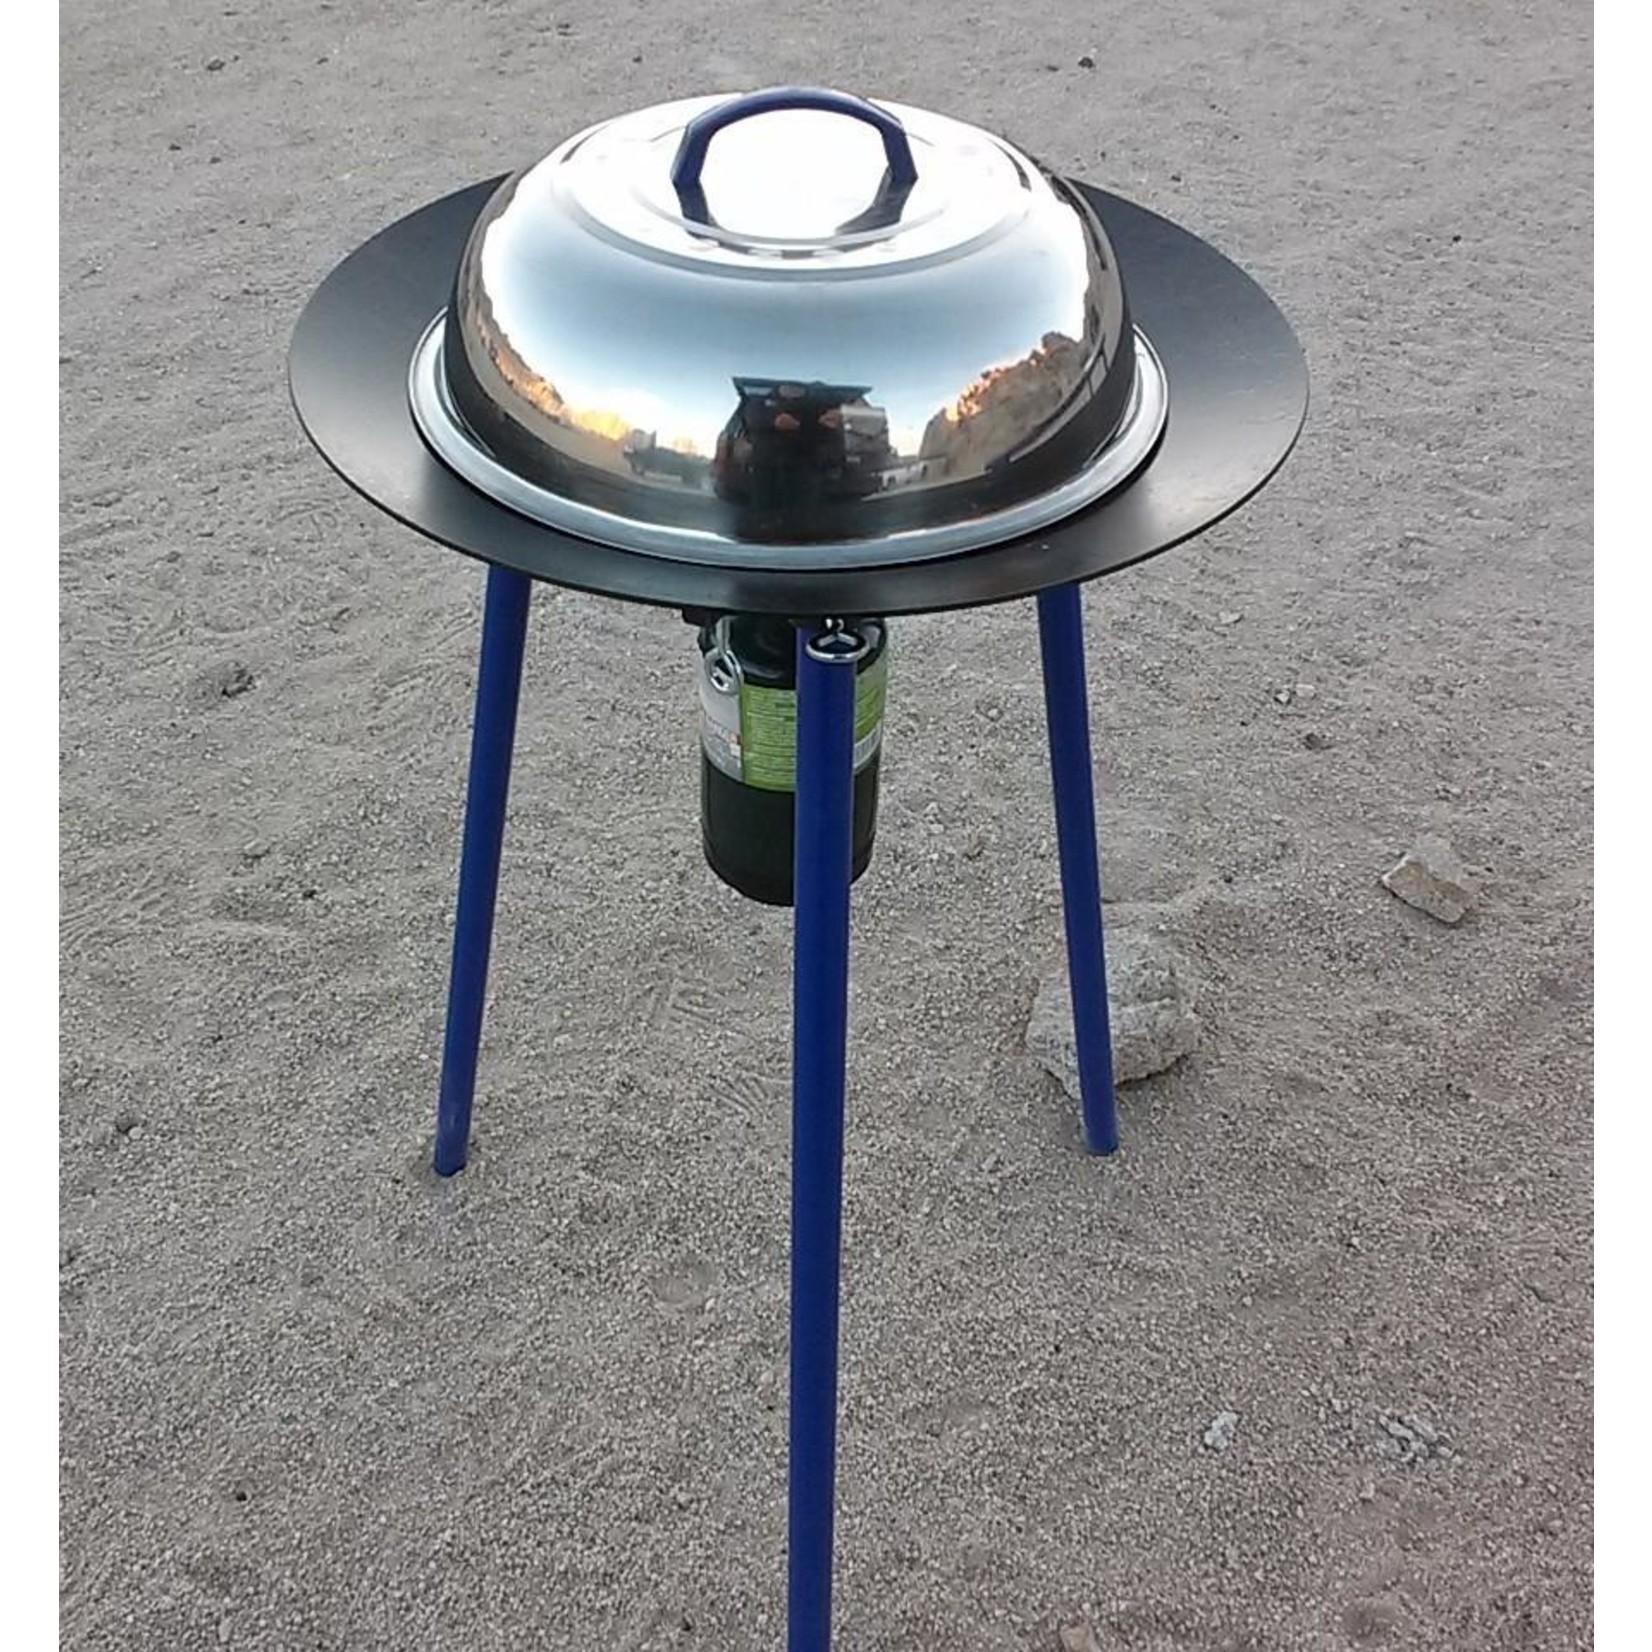 Tembo Tusk Tembo Tusk Skottle Accessory Kit